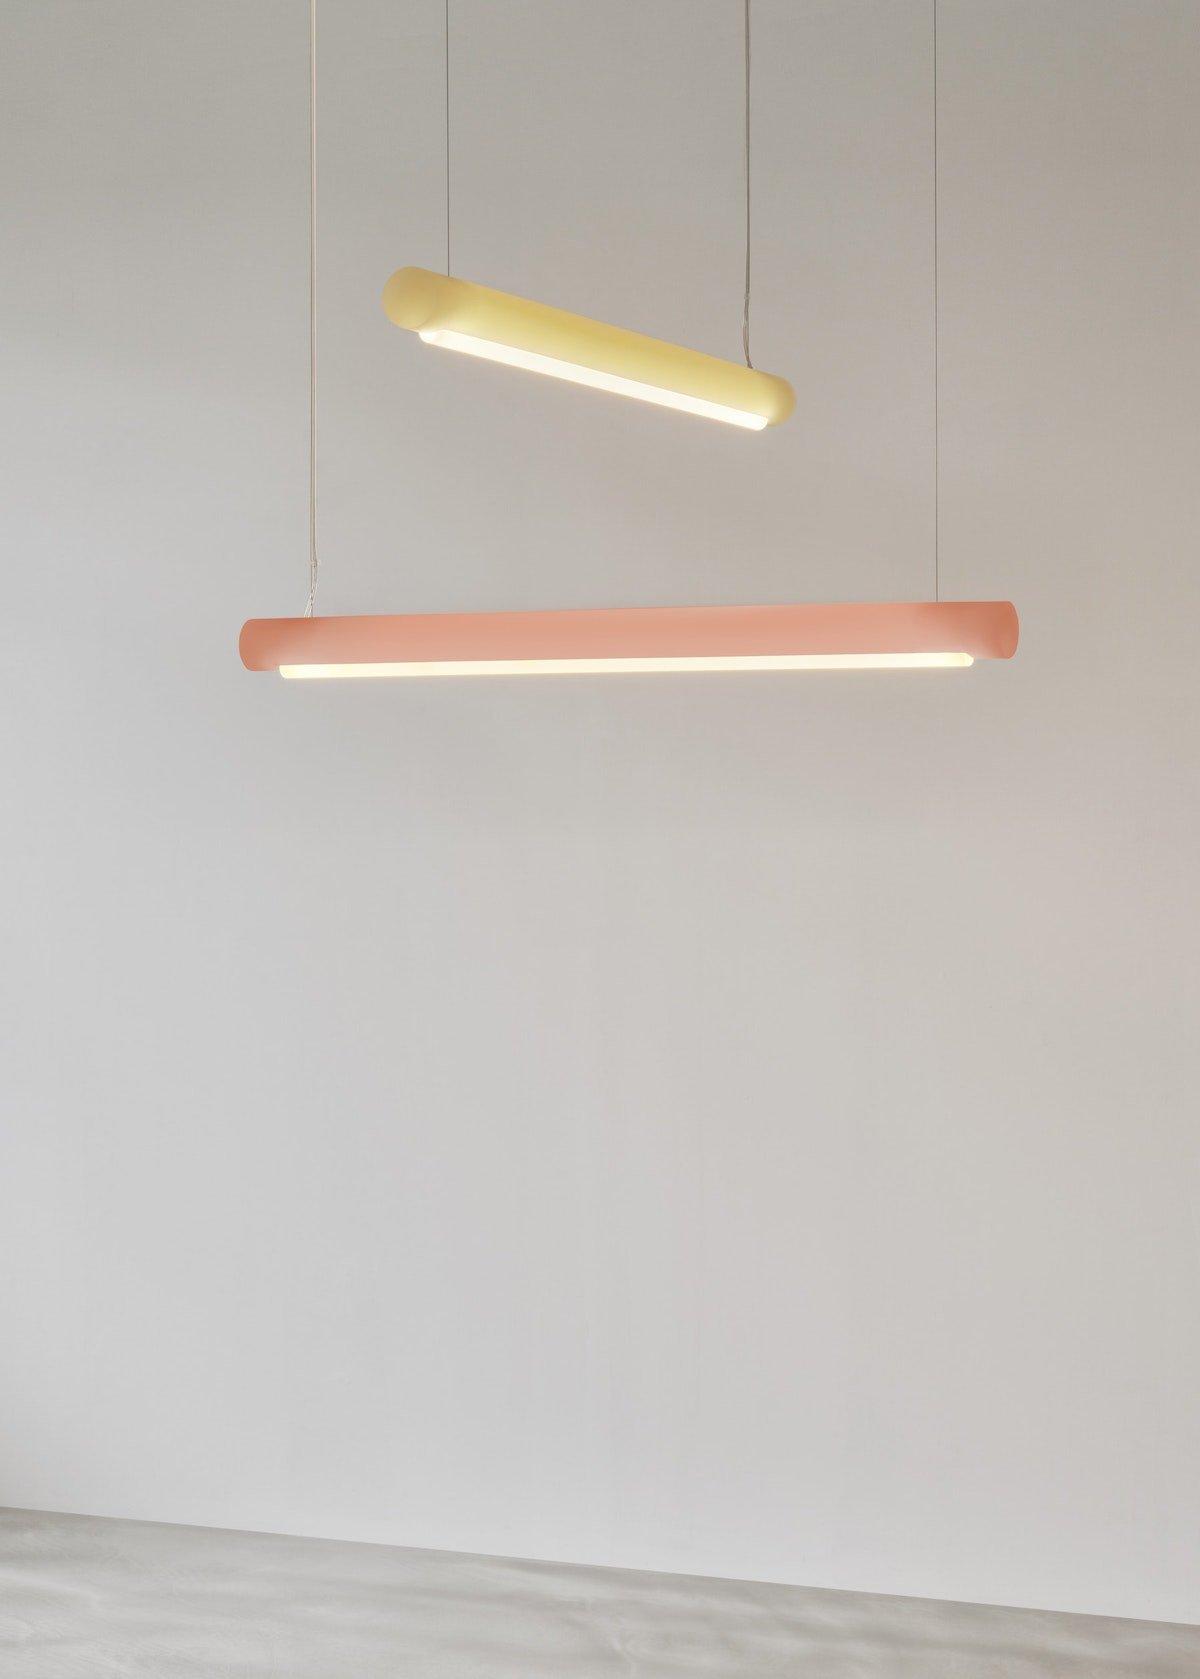 AURA LIGHTS by Sabine Marcelis for Established & Sons - ©PimTop-Studio, courtesy of Established & Sons.